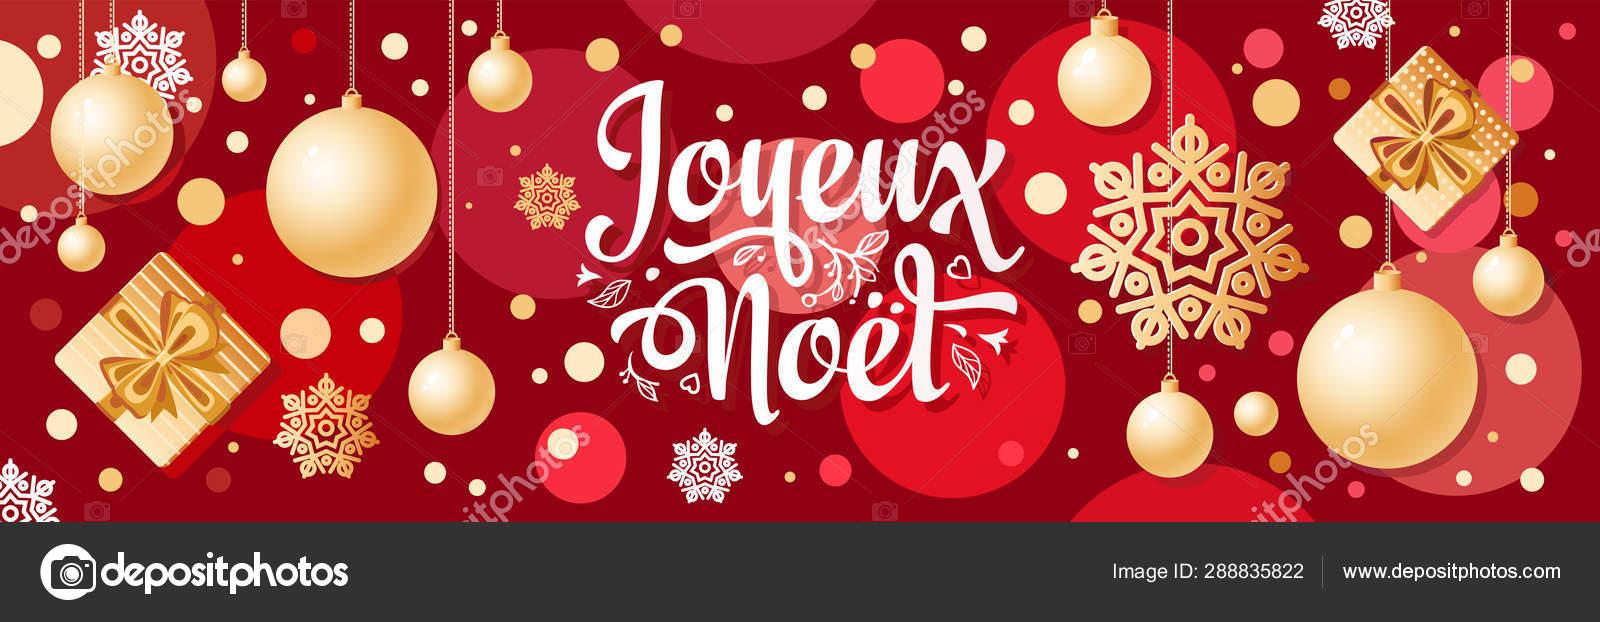 Christmas In French.Noel Christmas Banner French Xmas Design Joyeux Noel Stock